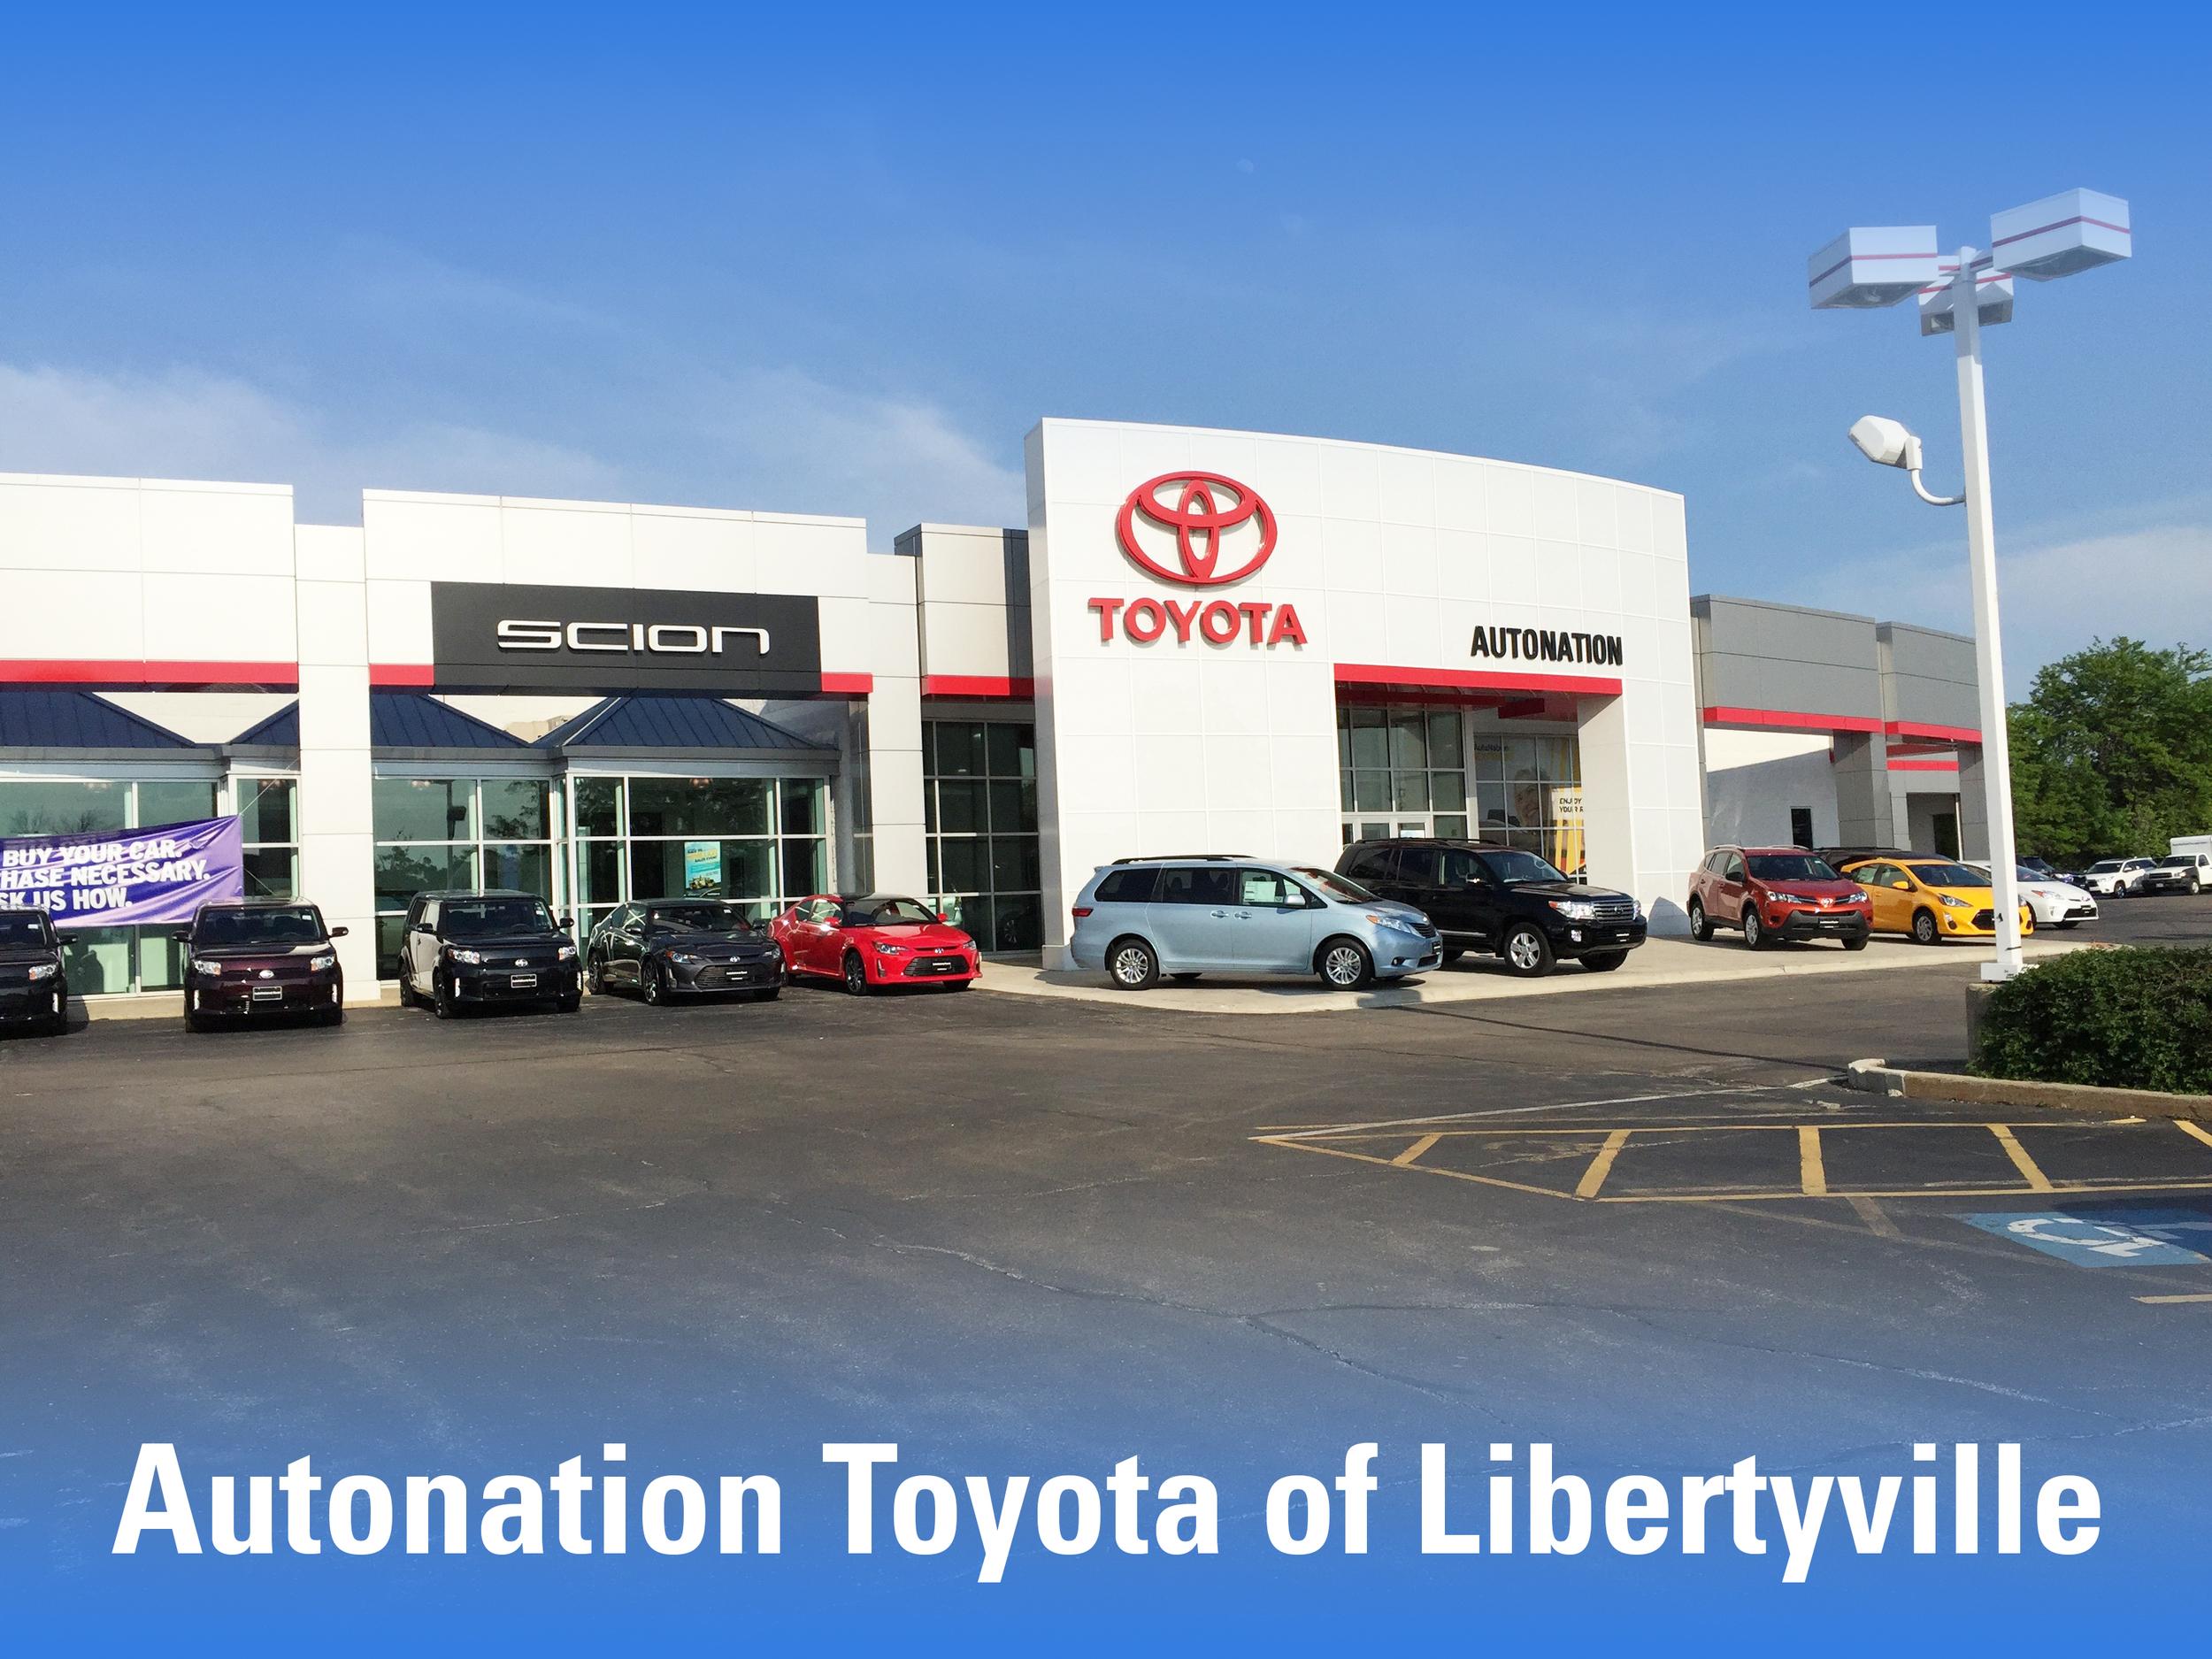 Libertyville Toyota.jpg